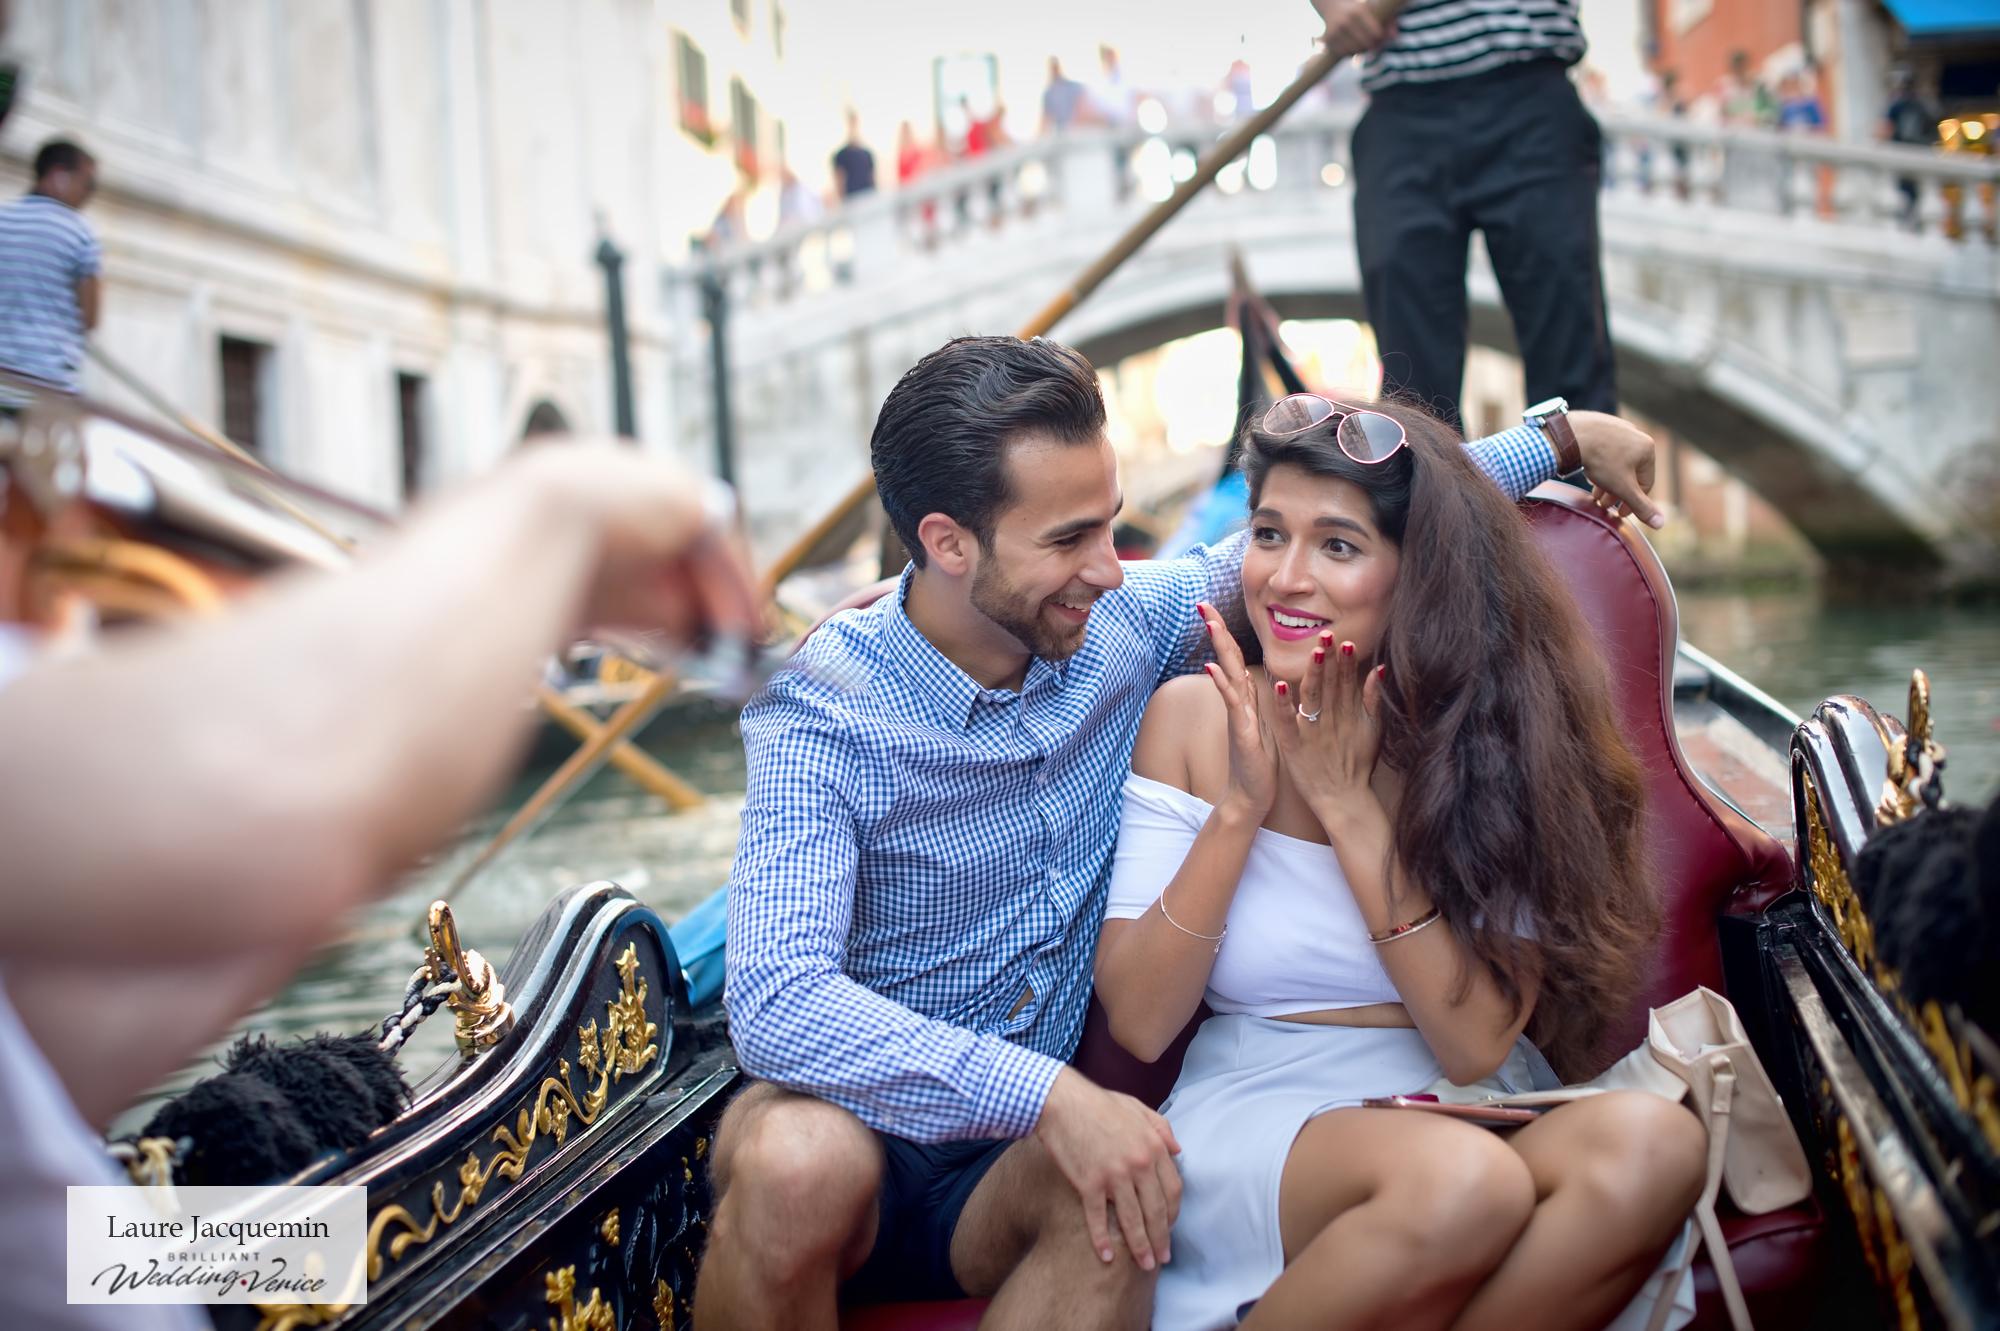 venise gondole banner fiancaille photographe demande mariage laure jacquemin (17)